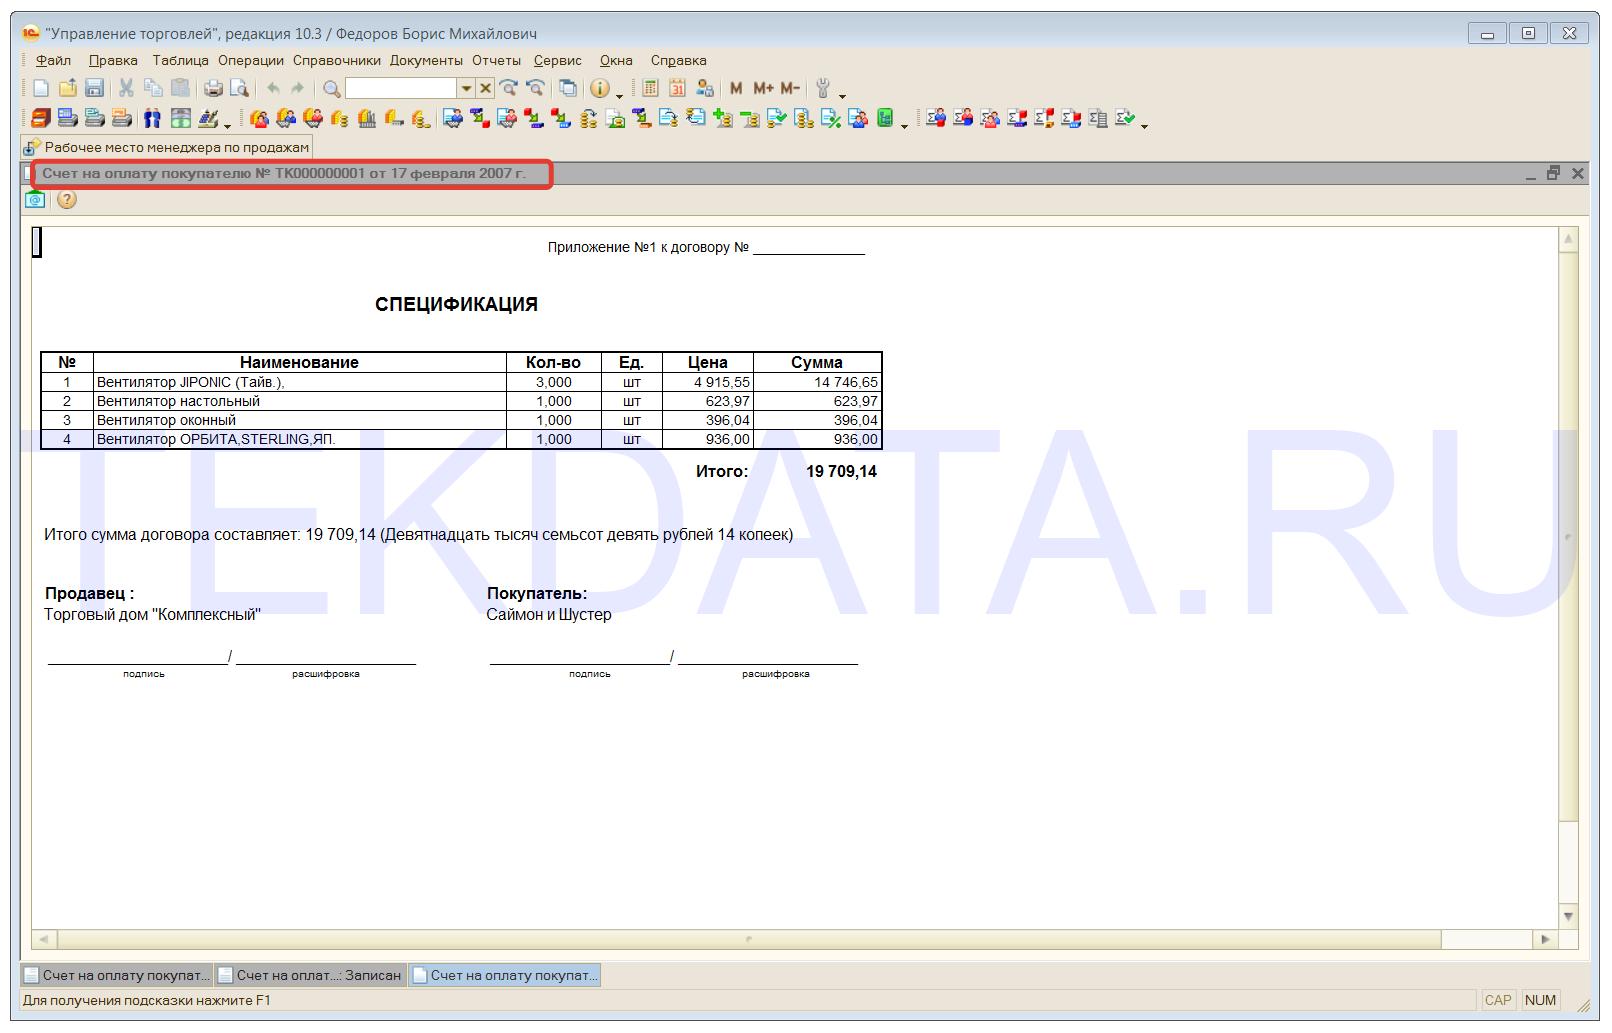 Спецификация к договору 1С 8.2 - УТ 10.3 (Рис. schet-2) | tekdata.ru